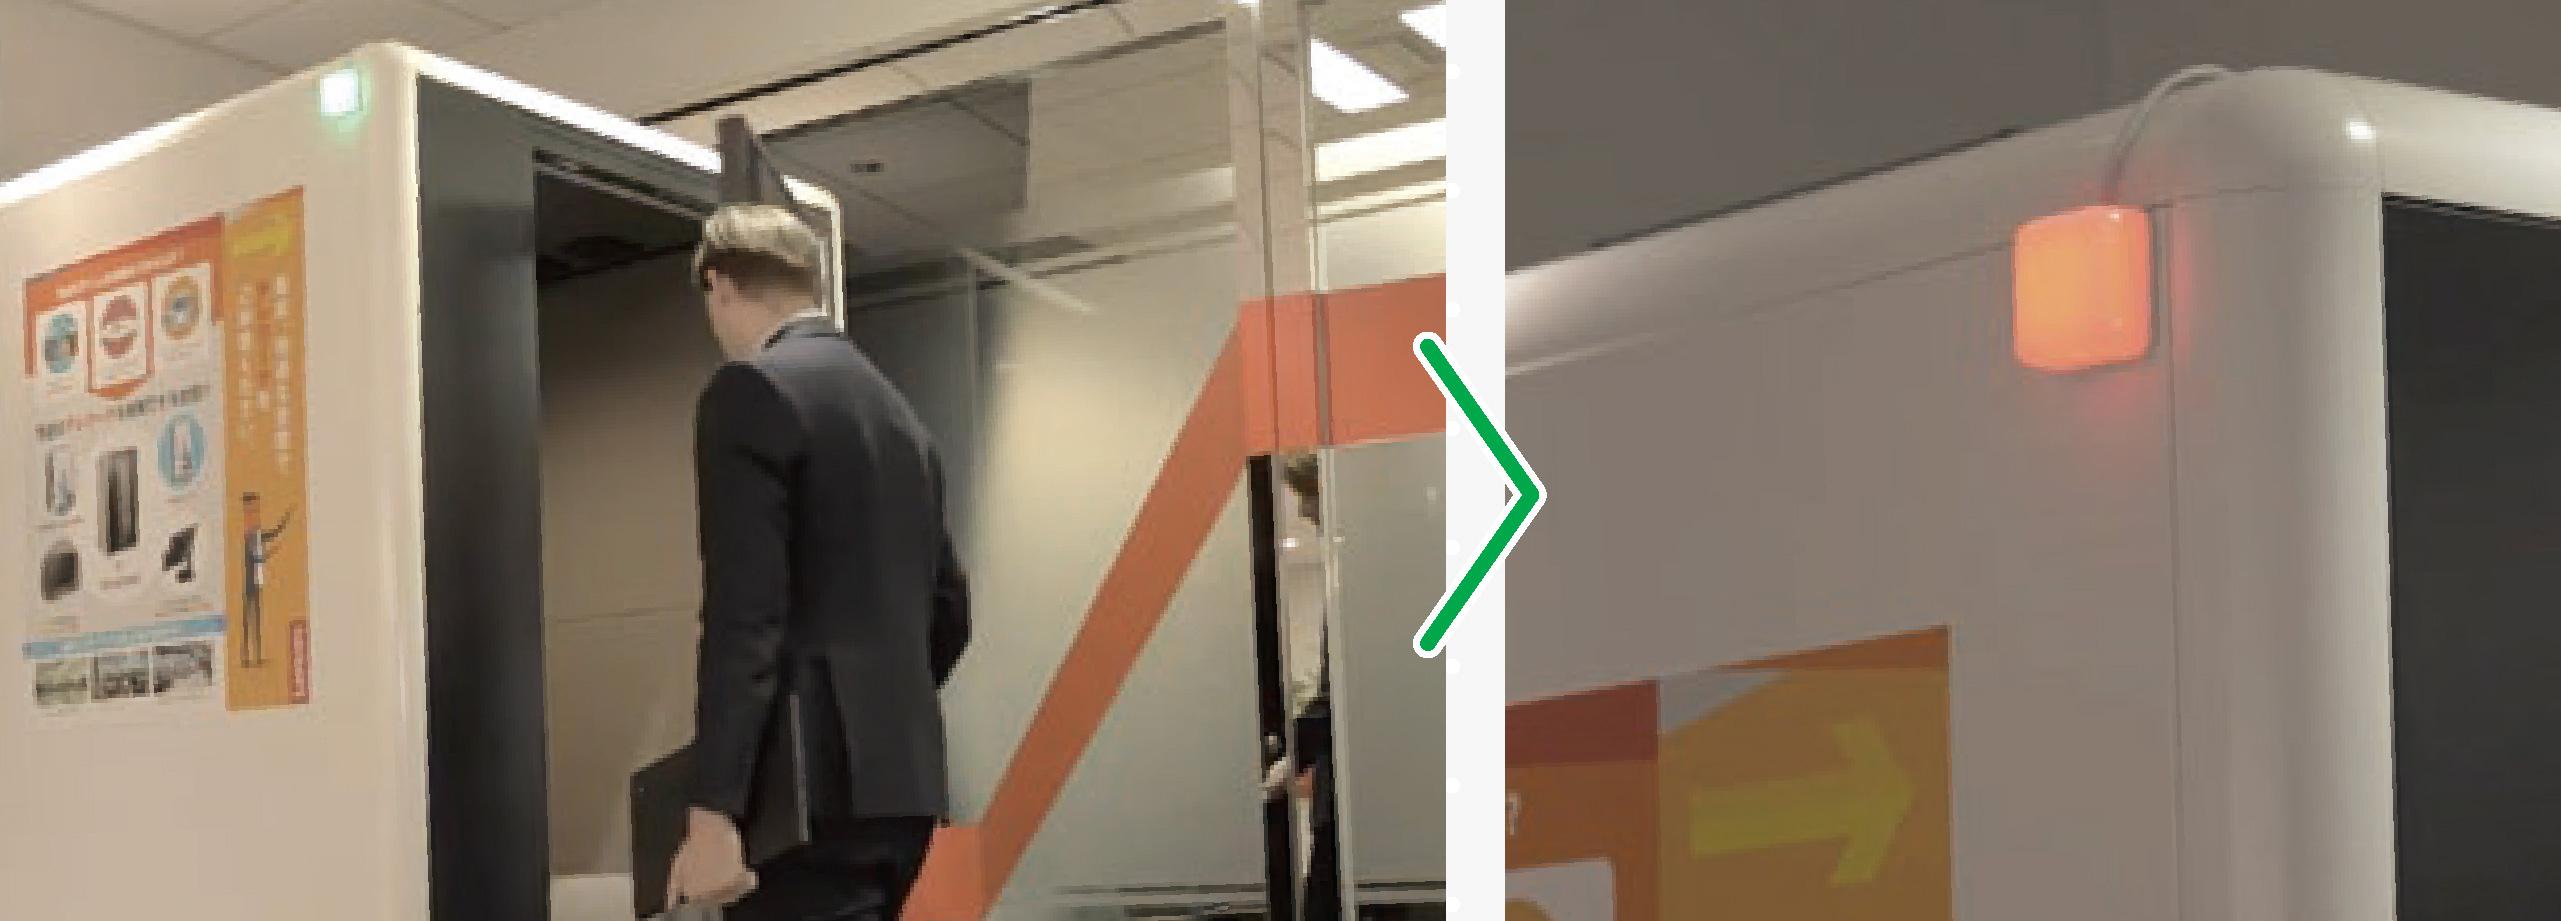 テレキューブ(個室型ワークスペース)の利用状況と連動するライトで利用状態が外から把握可能に